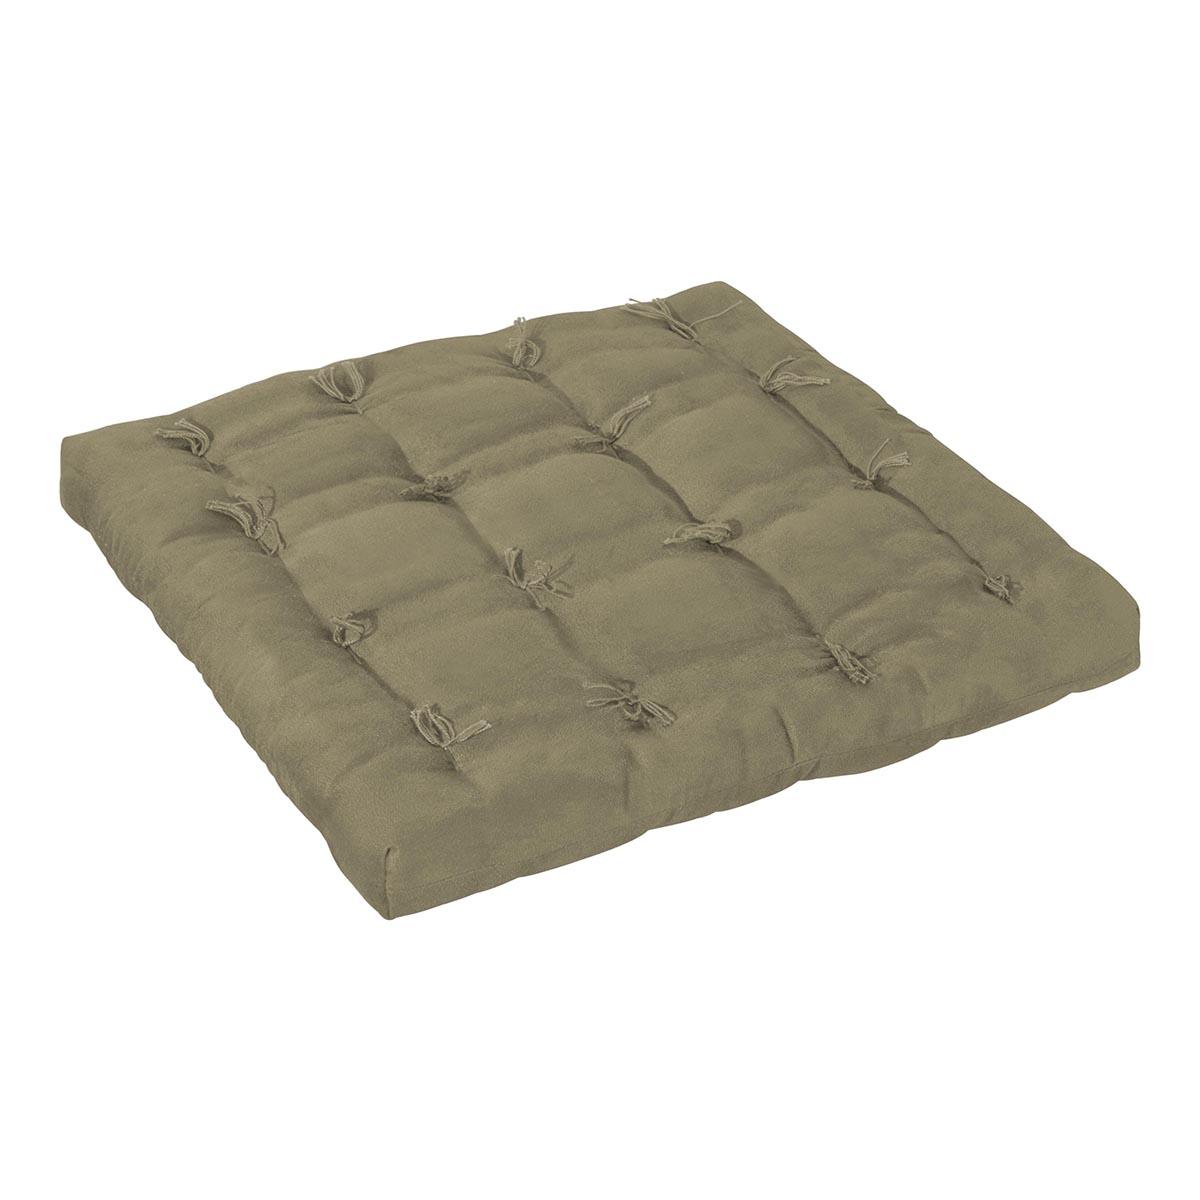 almofada almofadas para cadeiras 08.jpg #504838 1200x1200